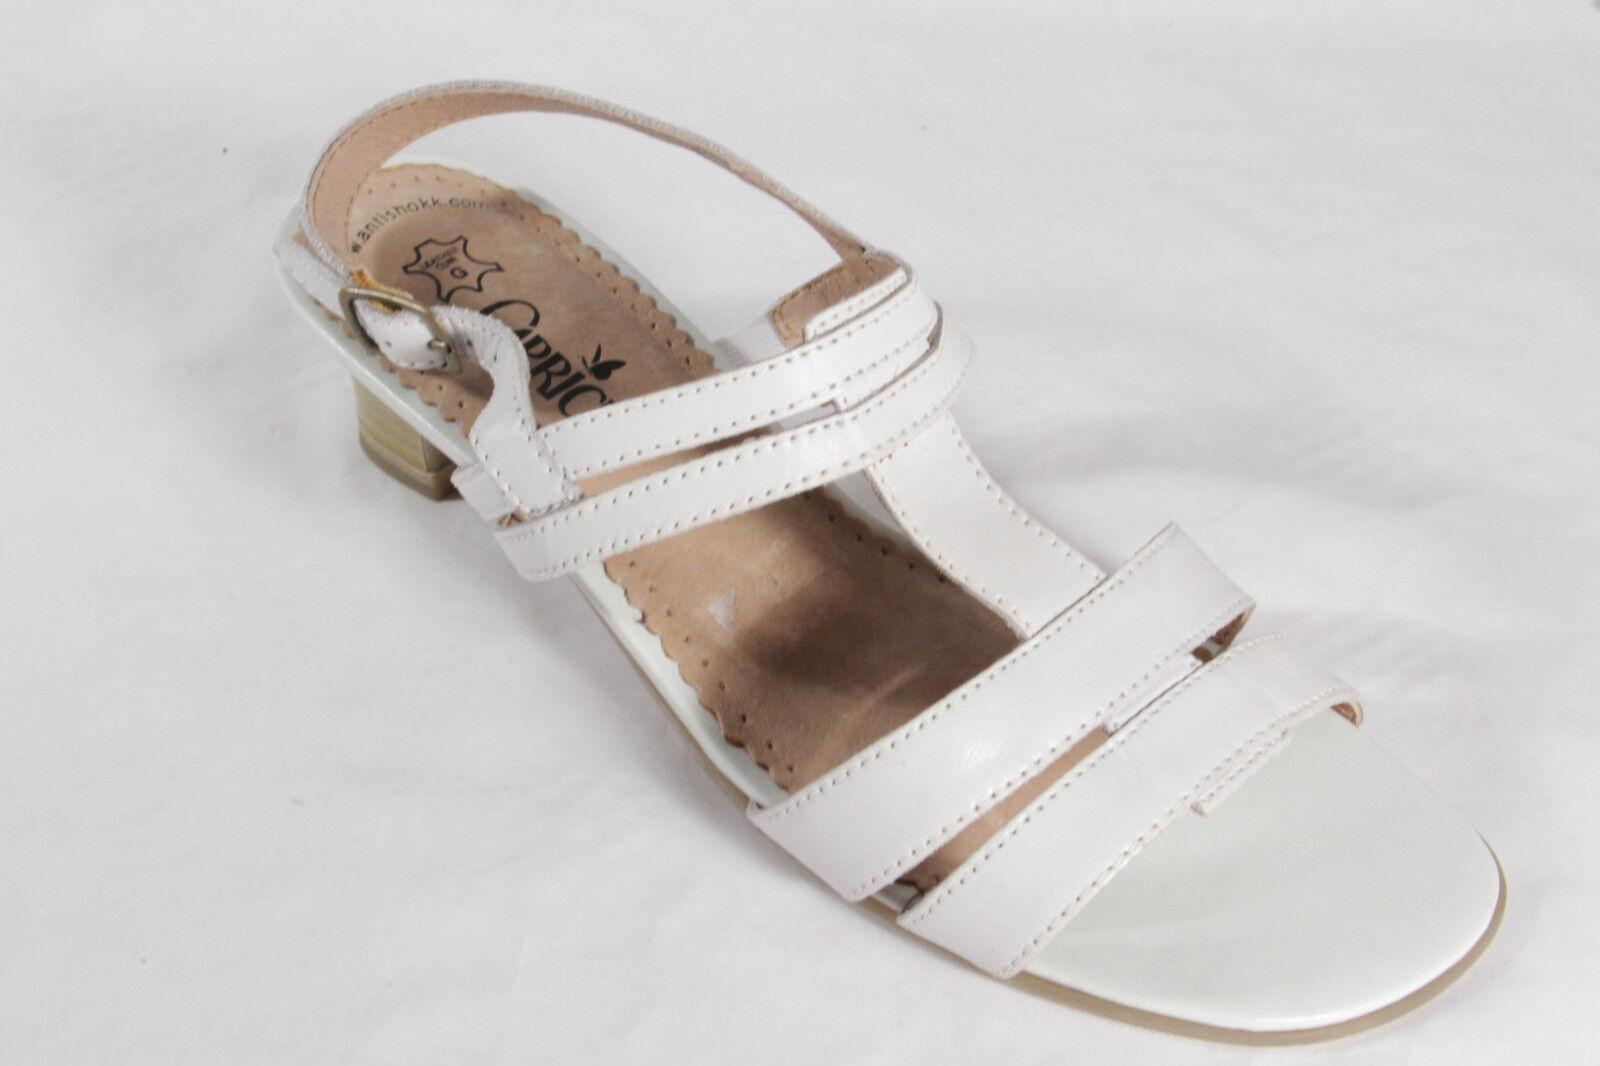 Damen Caprice Sandalen Sandaletten Echtleder Neu offWeiß Neu Echtleder fa8d6e